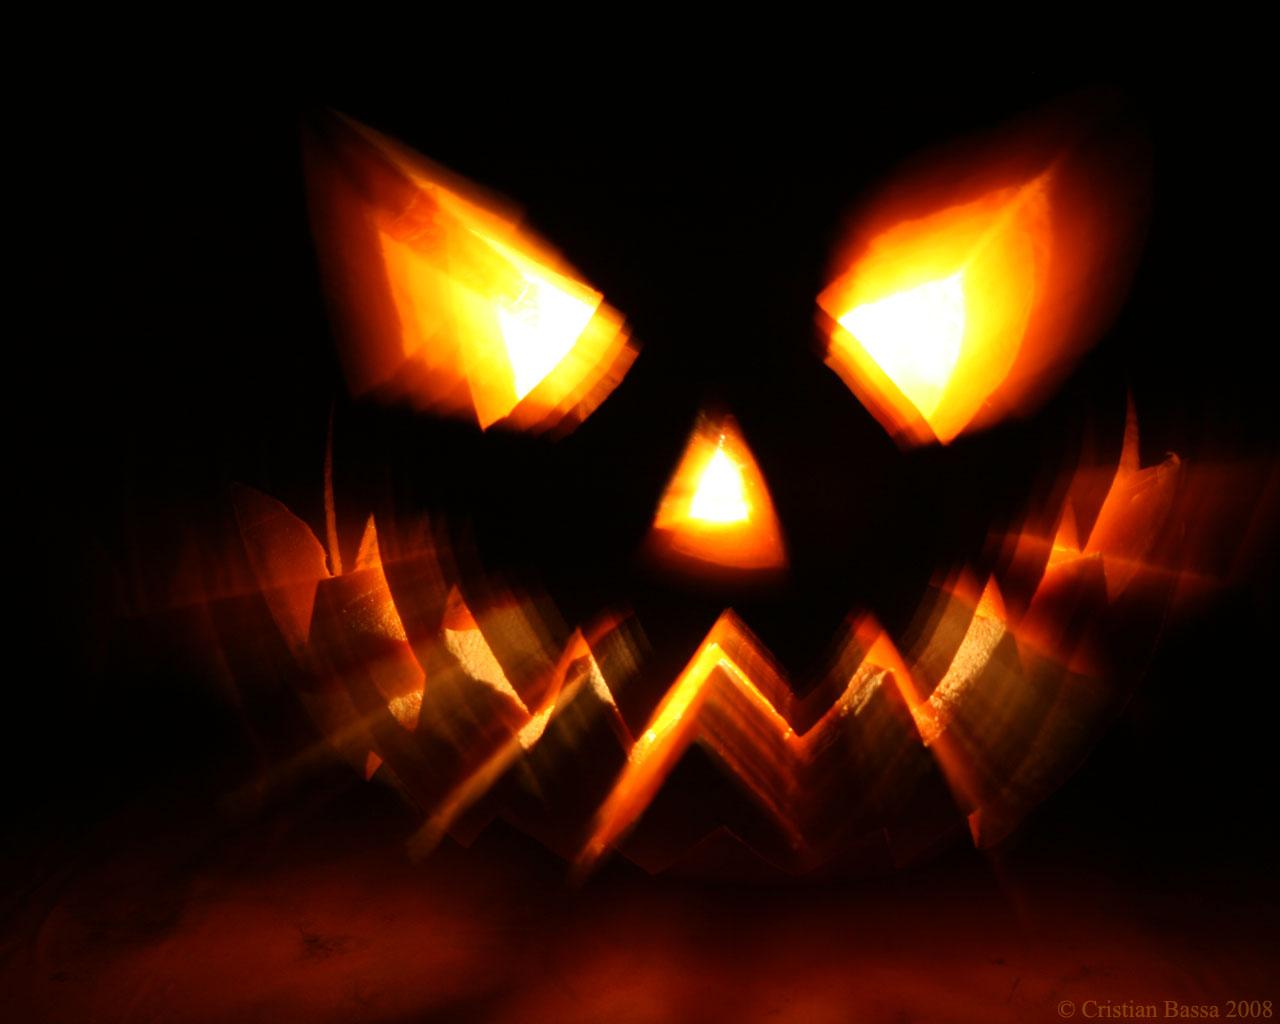 http://3.bp.blogspot.com/-OuNTEHlBFwE/UJGoxmQeaSI/AAAAAAAAF50/xw-FuBNW4G8/s1600/halloween-wallpaper-large006.jpeg